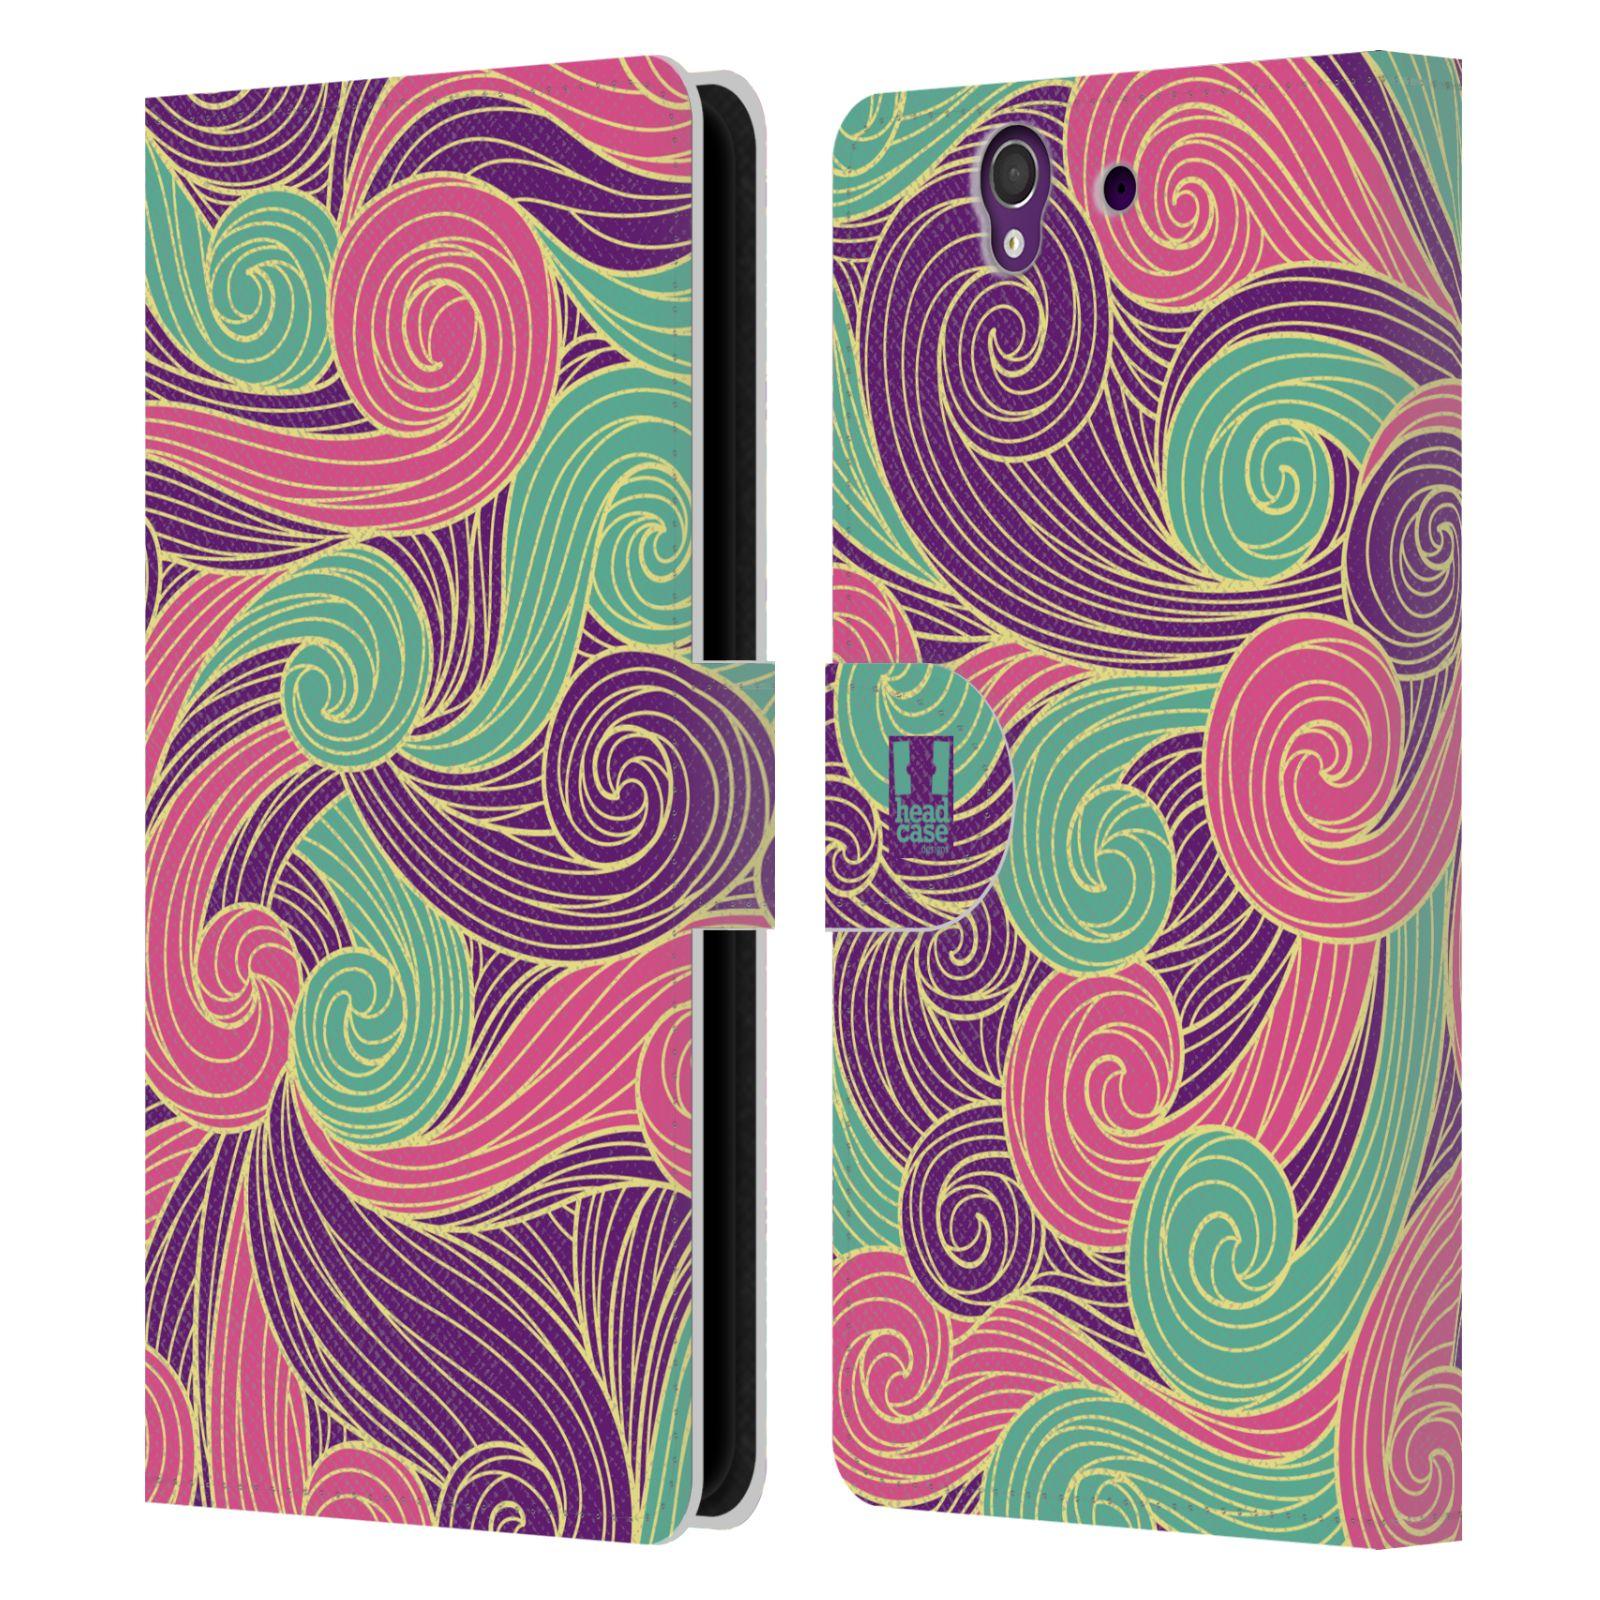 HEAD CASE Flipové pouzdro pro mobil SONY XPERIA Z (C6603) barevné vlny růžová a fialová